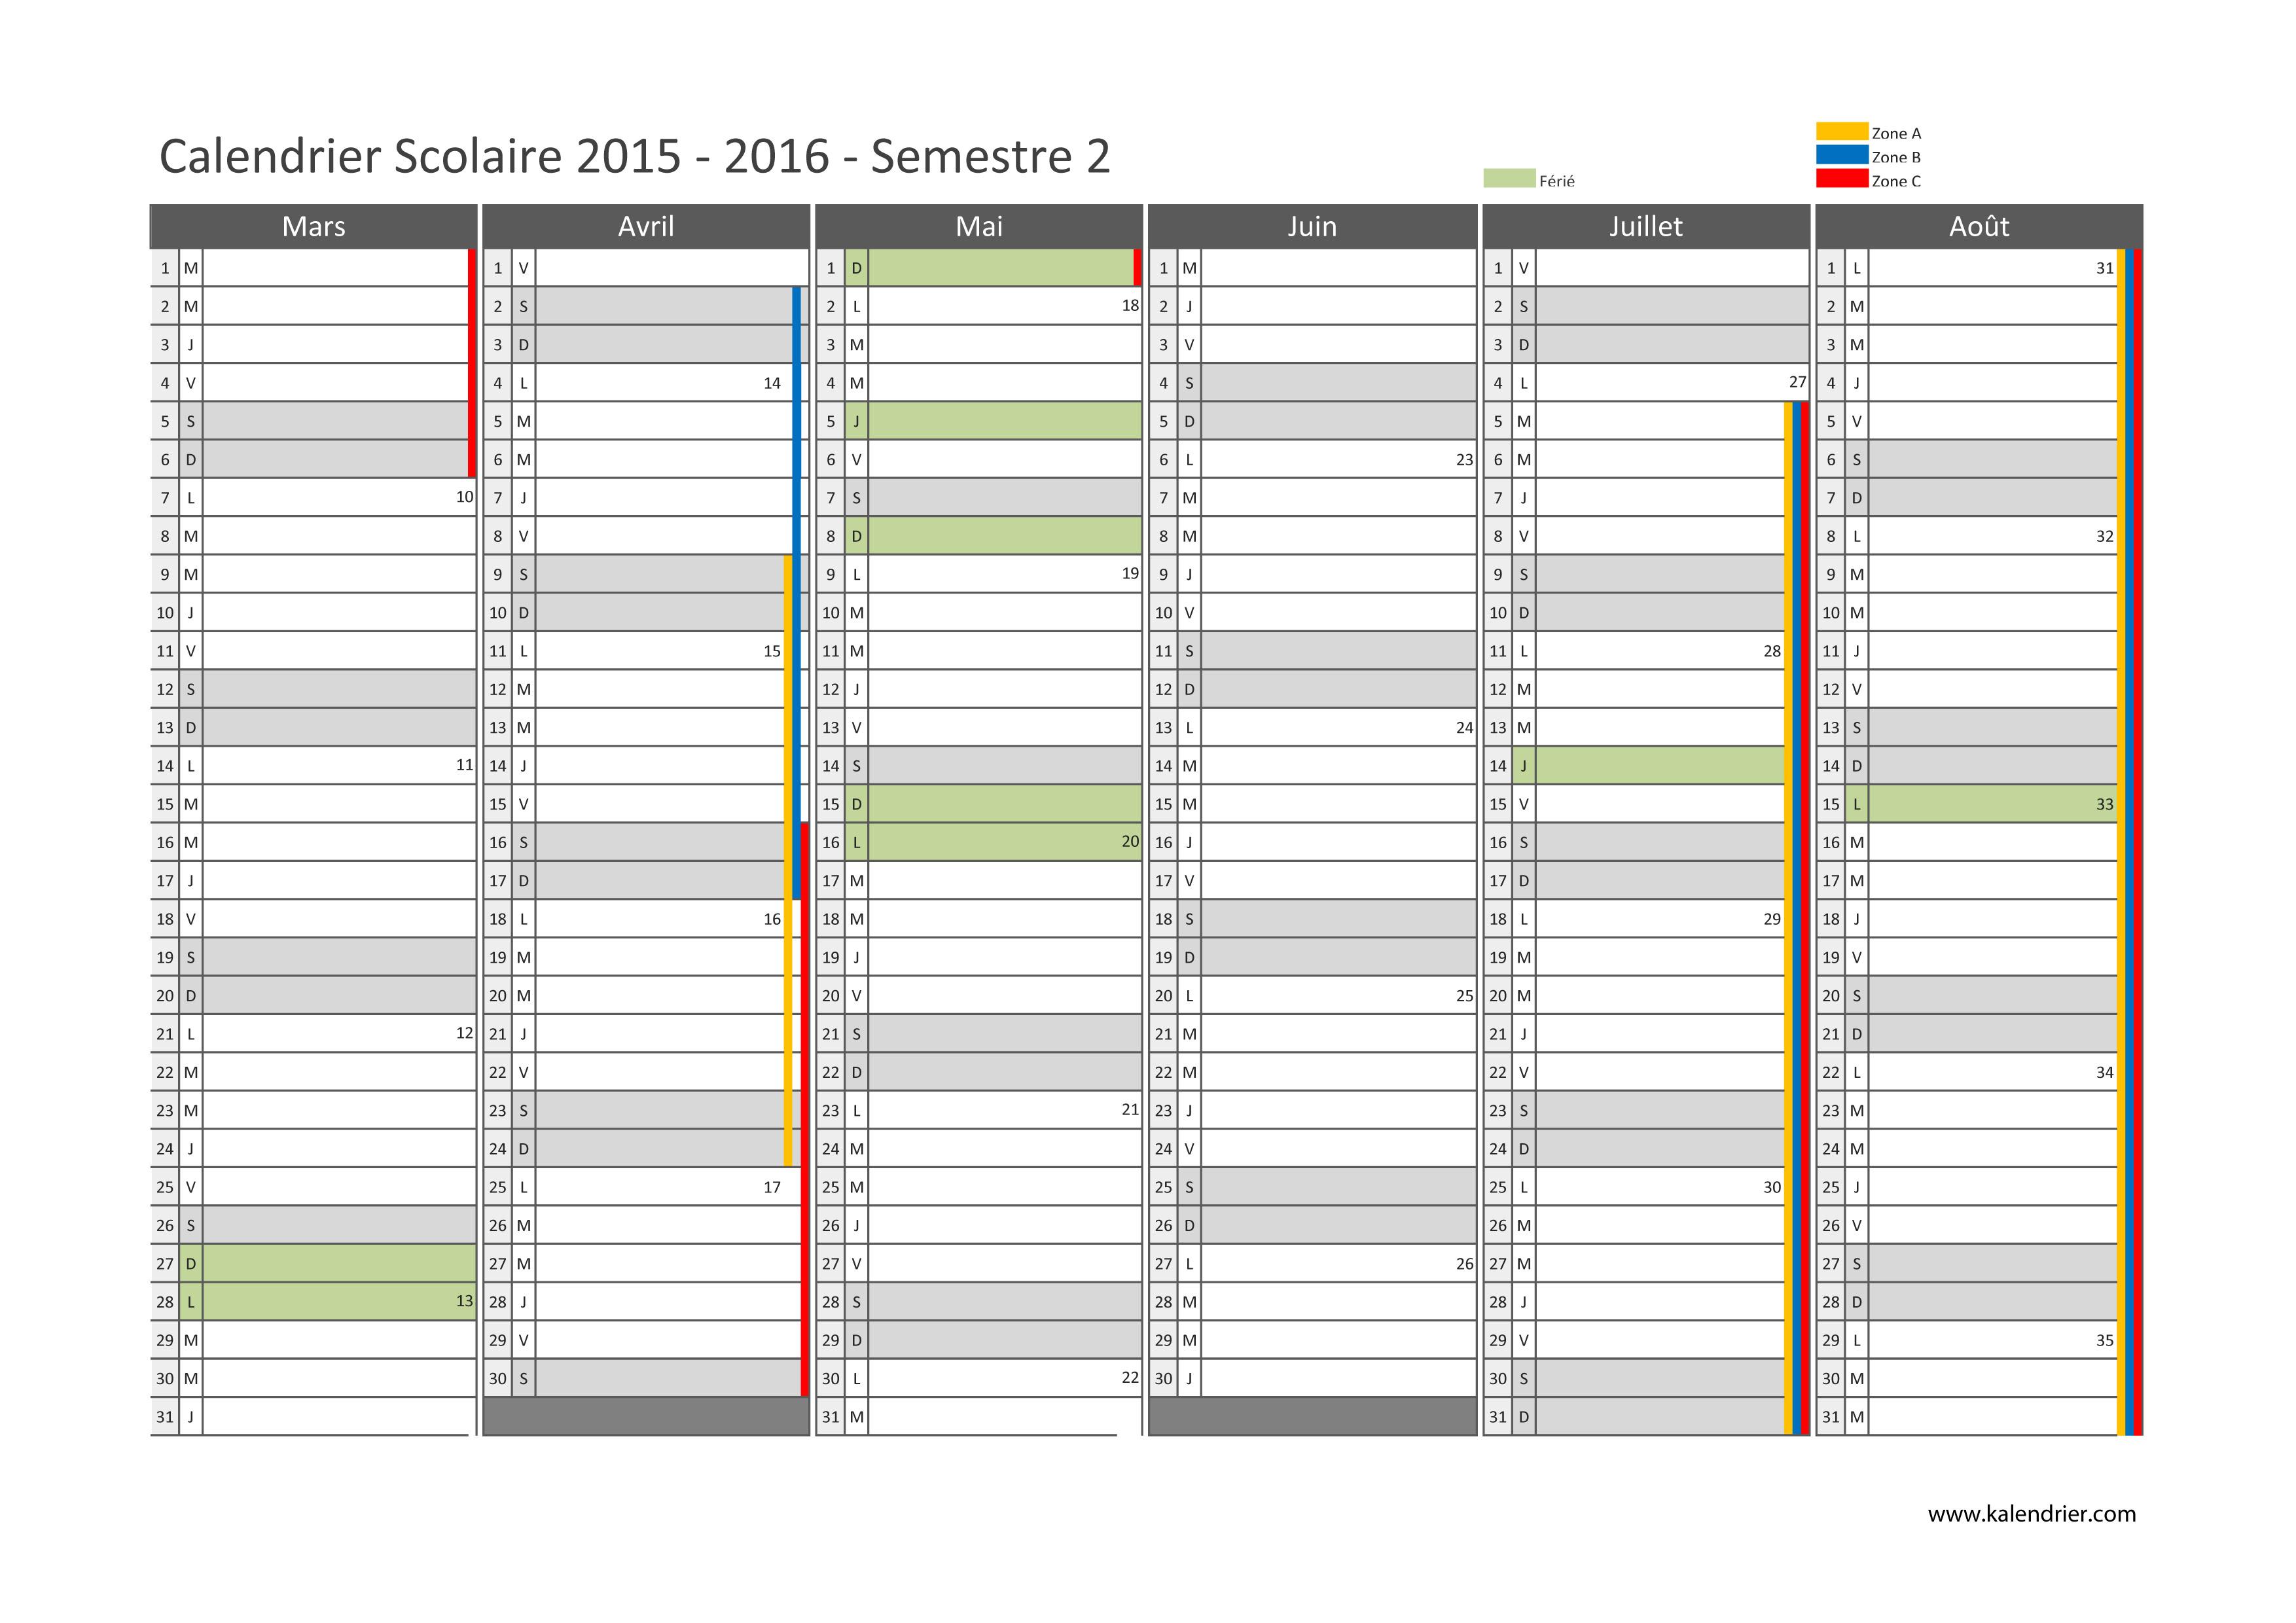 Calendrier scolaire 2016 xls